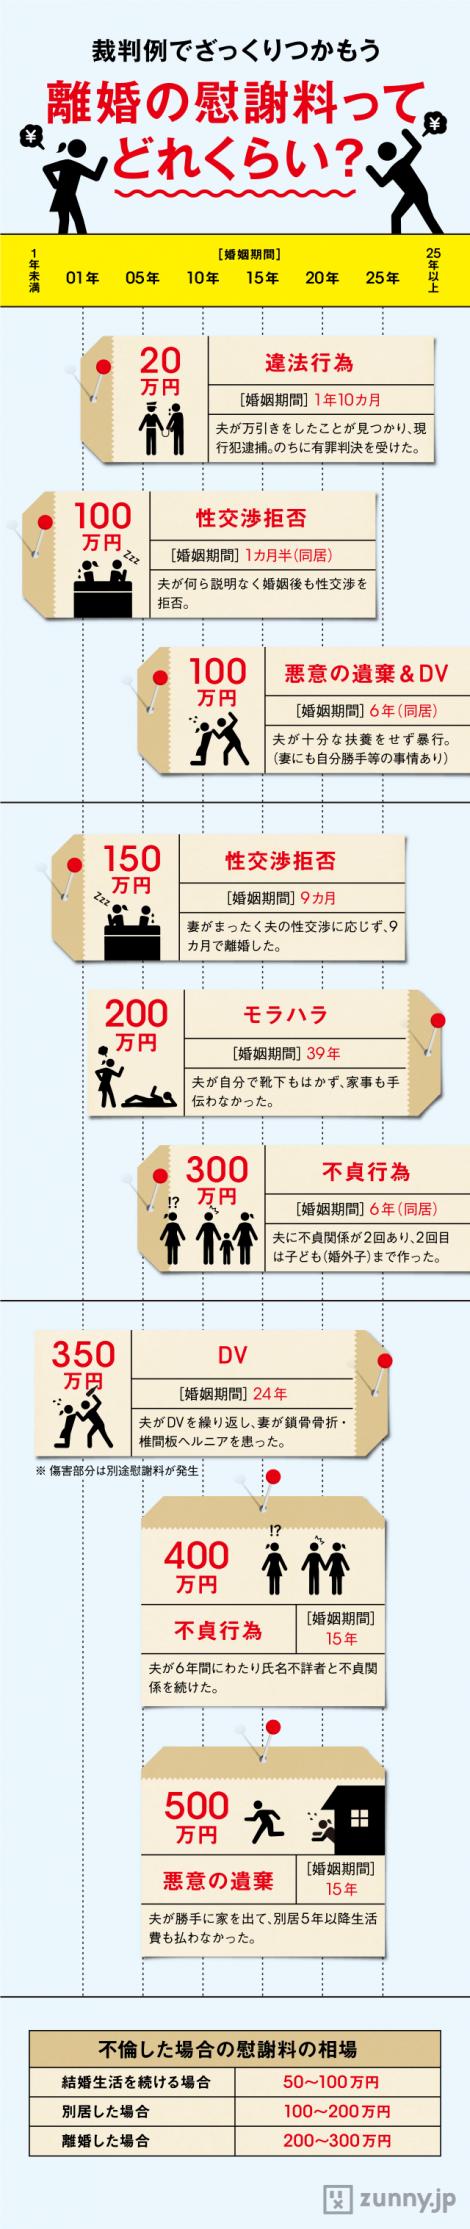 インフォグラフィック:不貞行為慰謝料判例は50~100万円。離婚慰謝料の相場